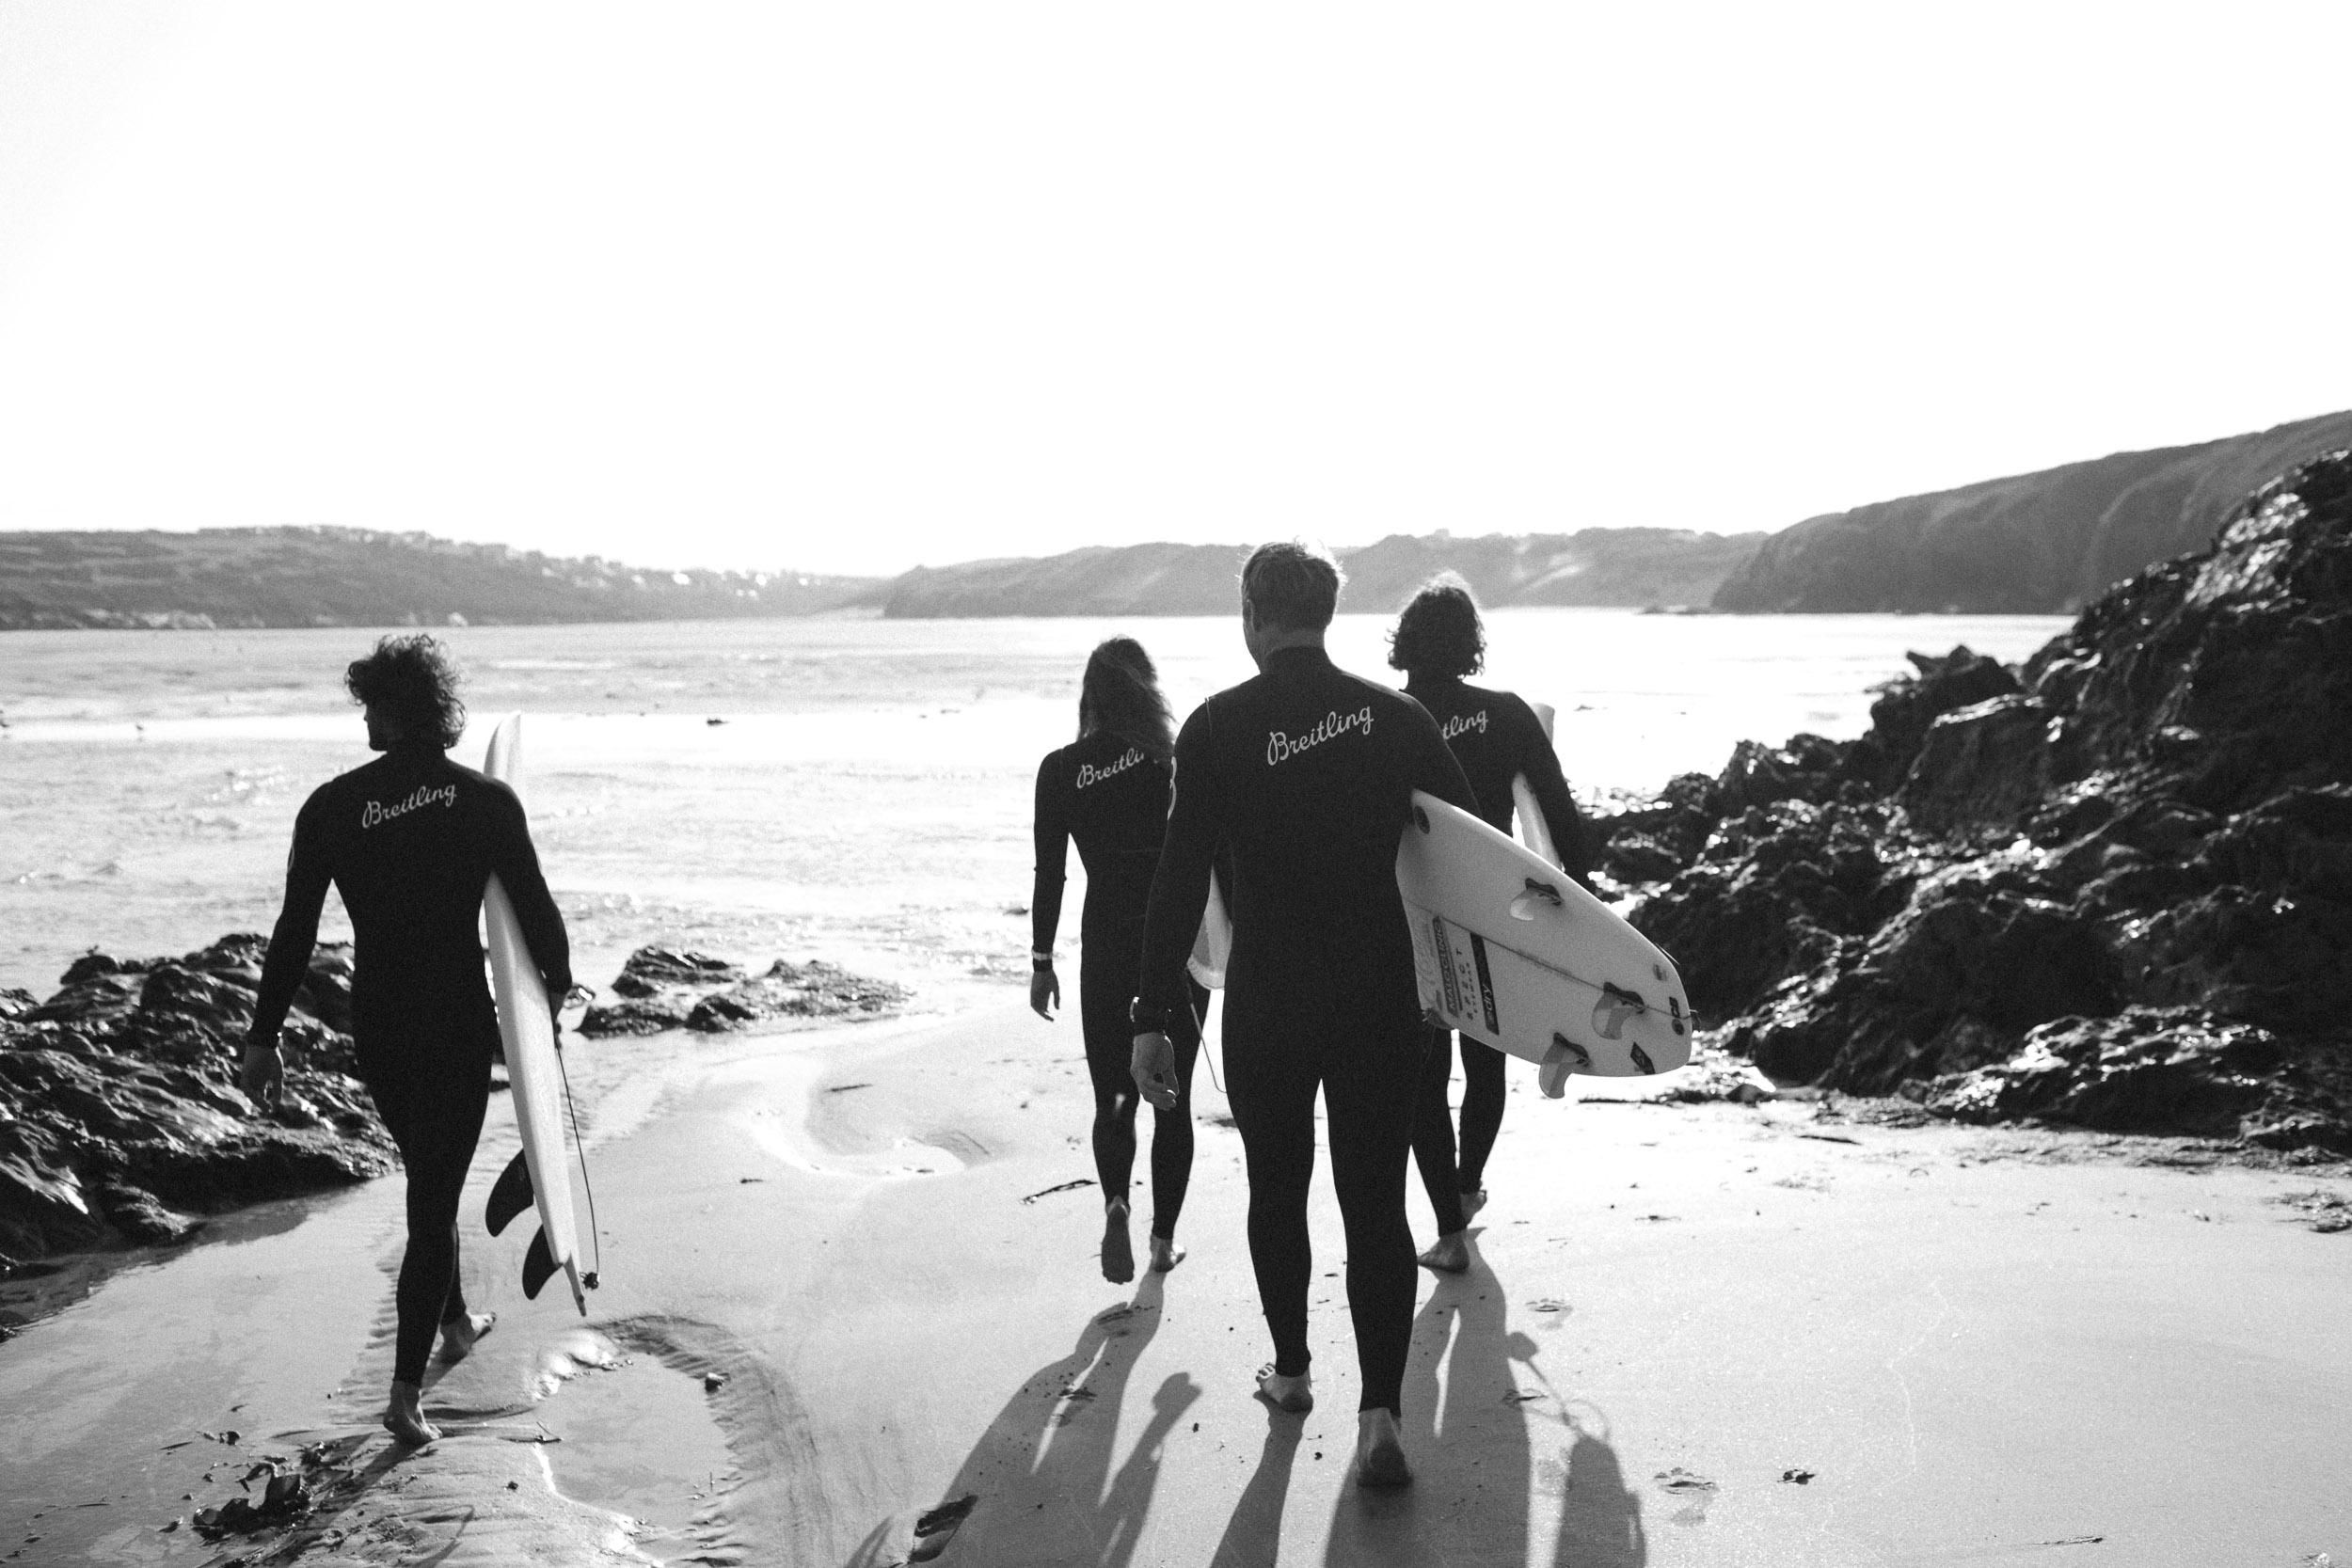 BREITLING-SURF-Finn-Beales-19.jpg